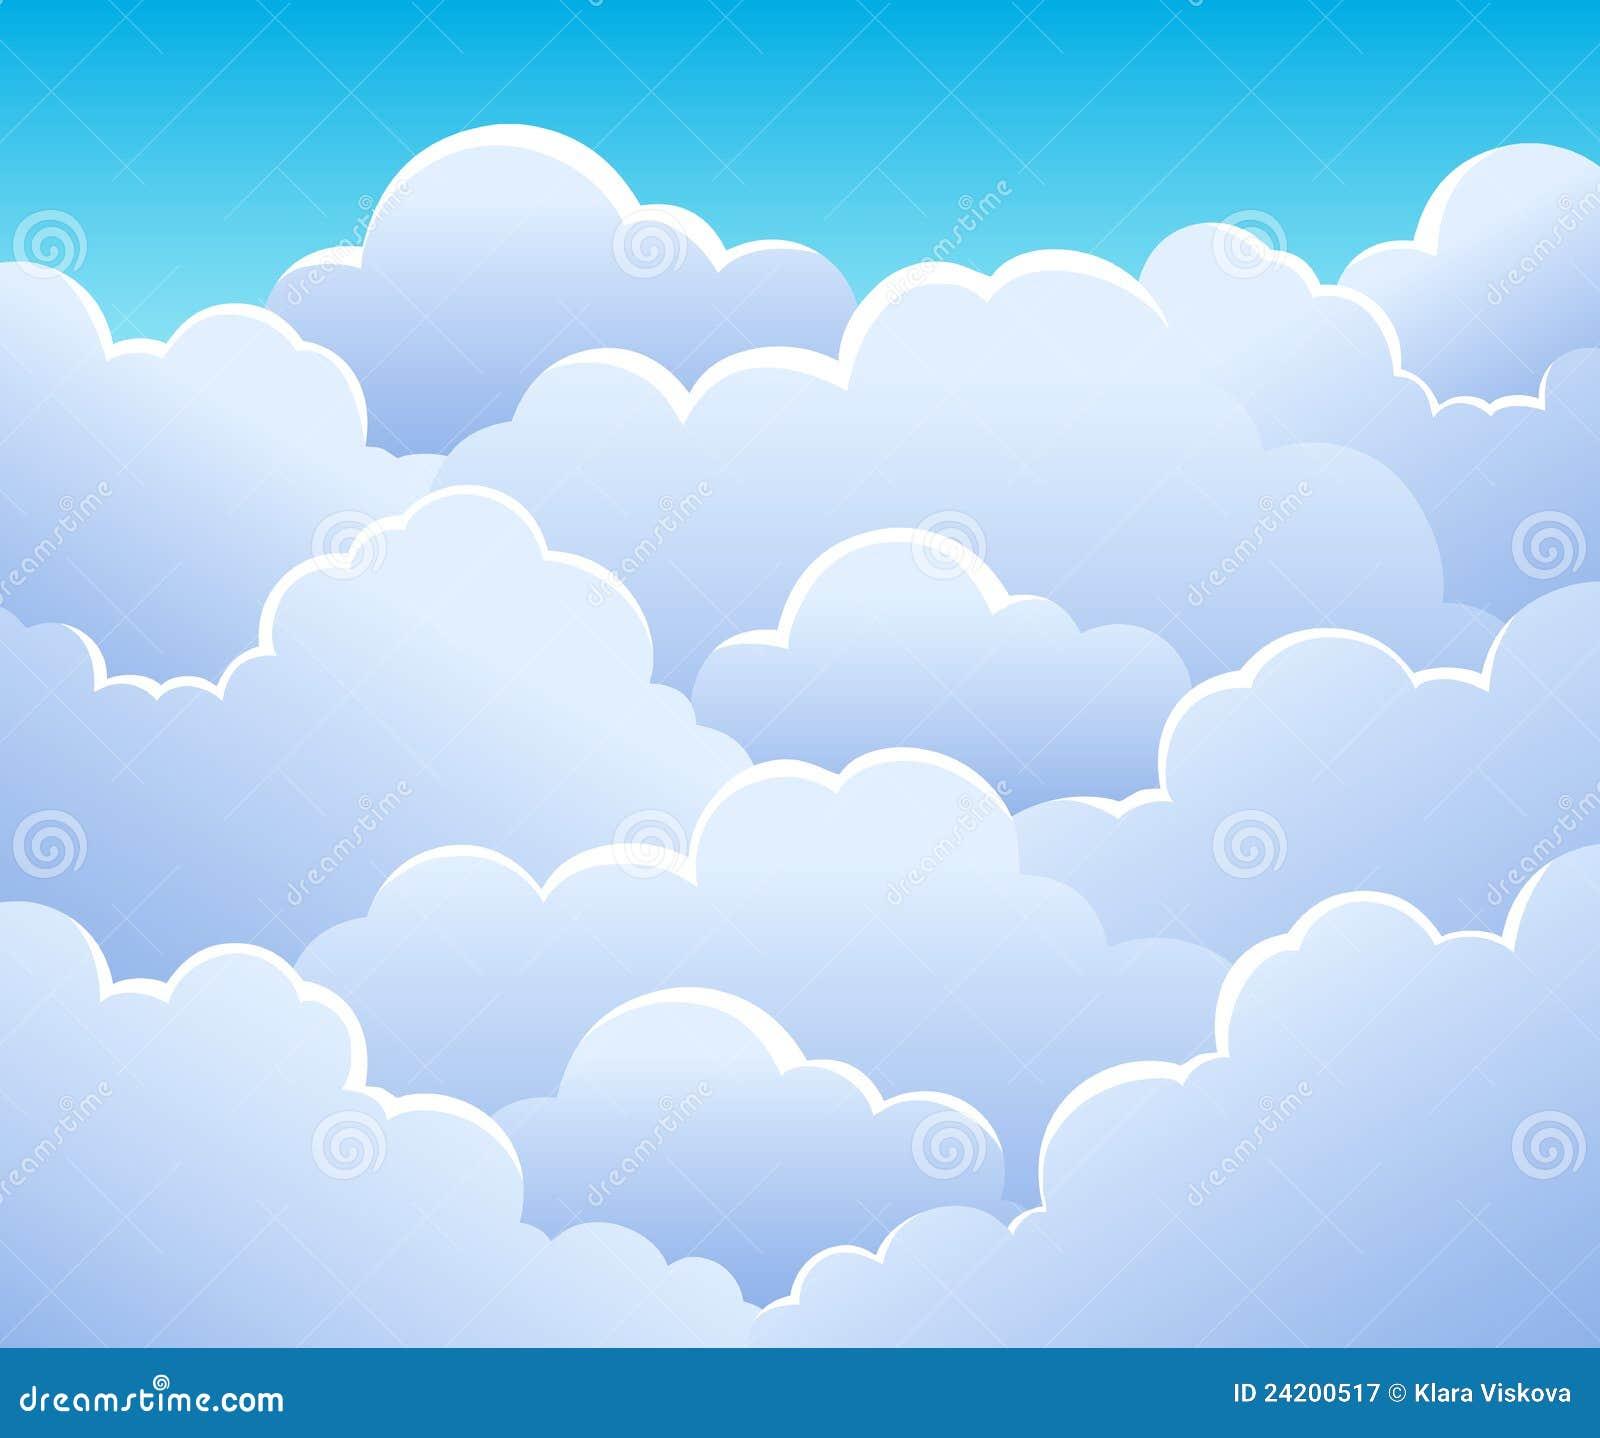 cloud wallpaper clip art - photo #32